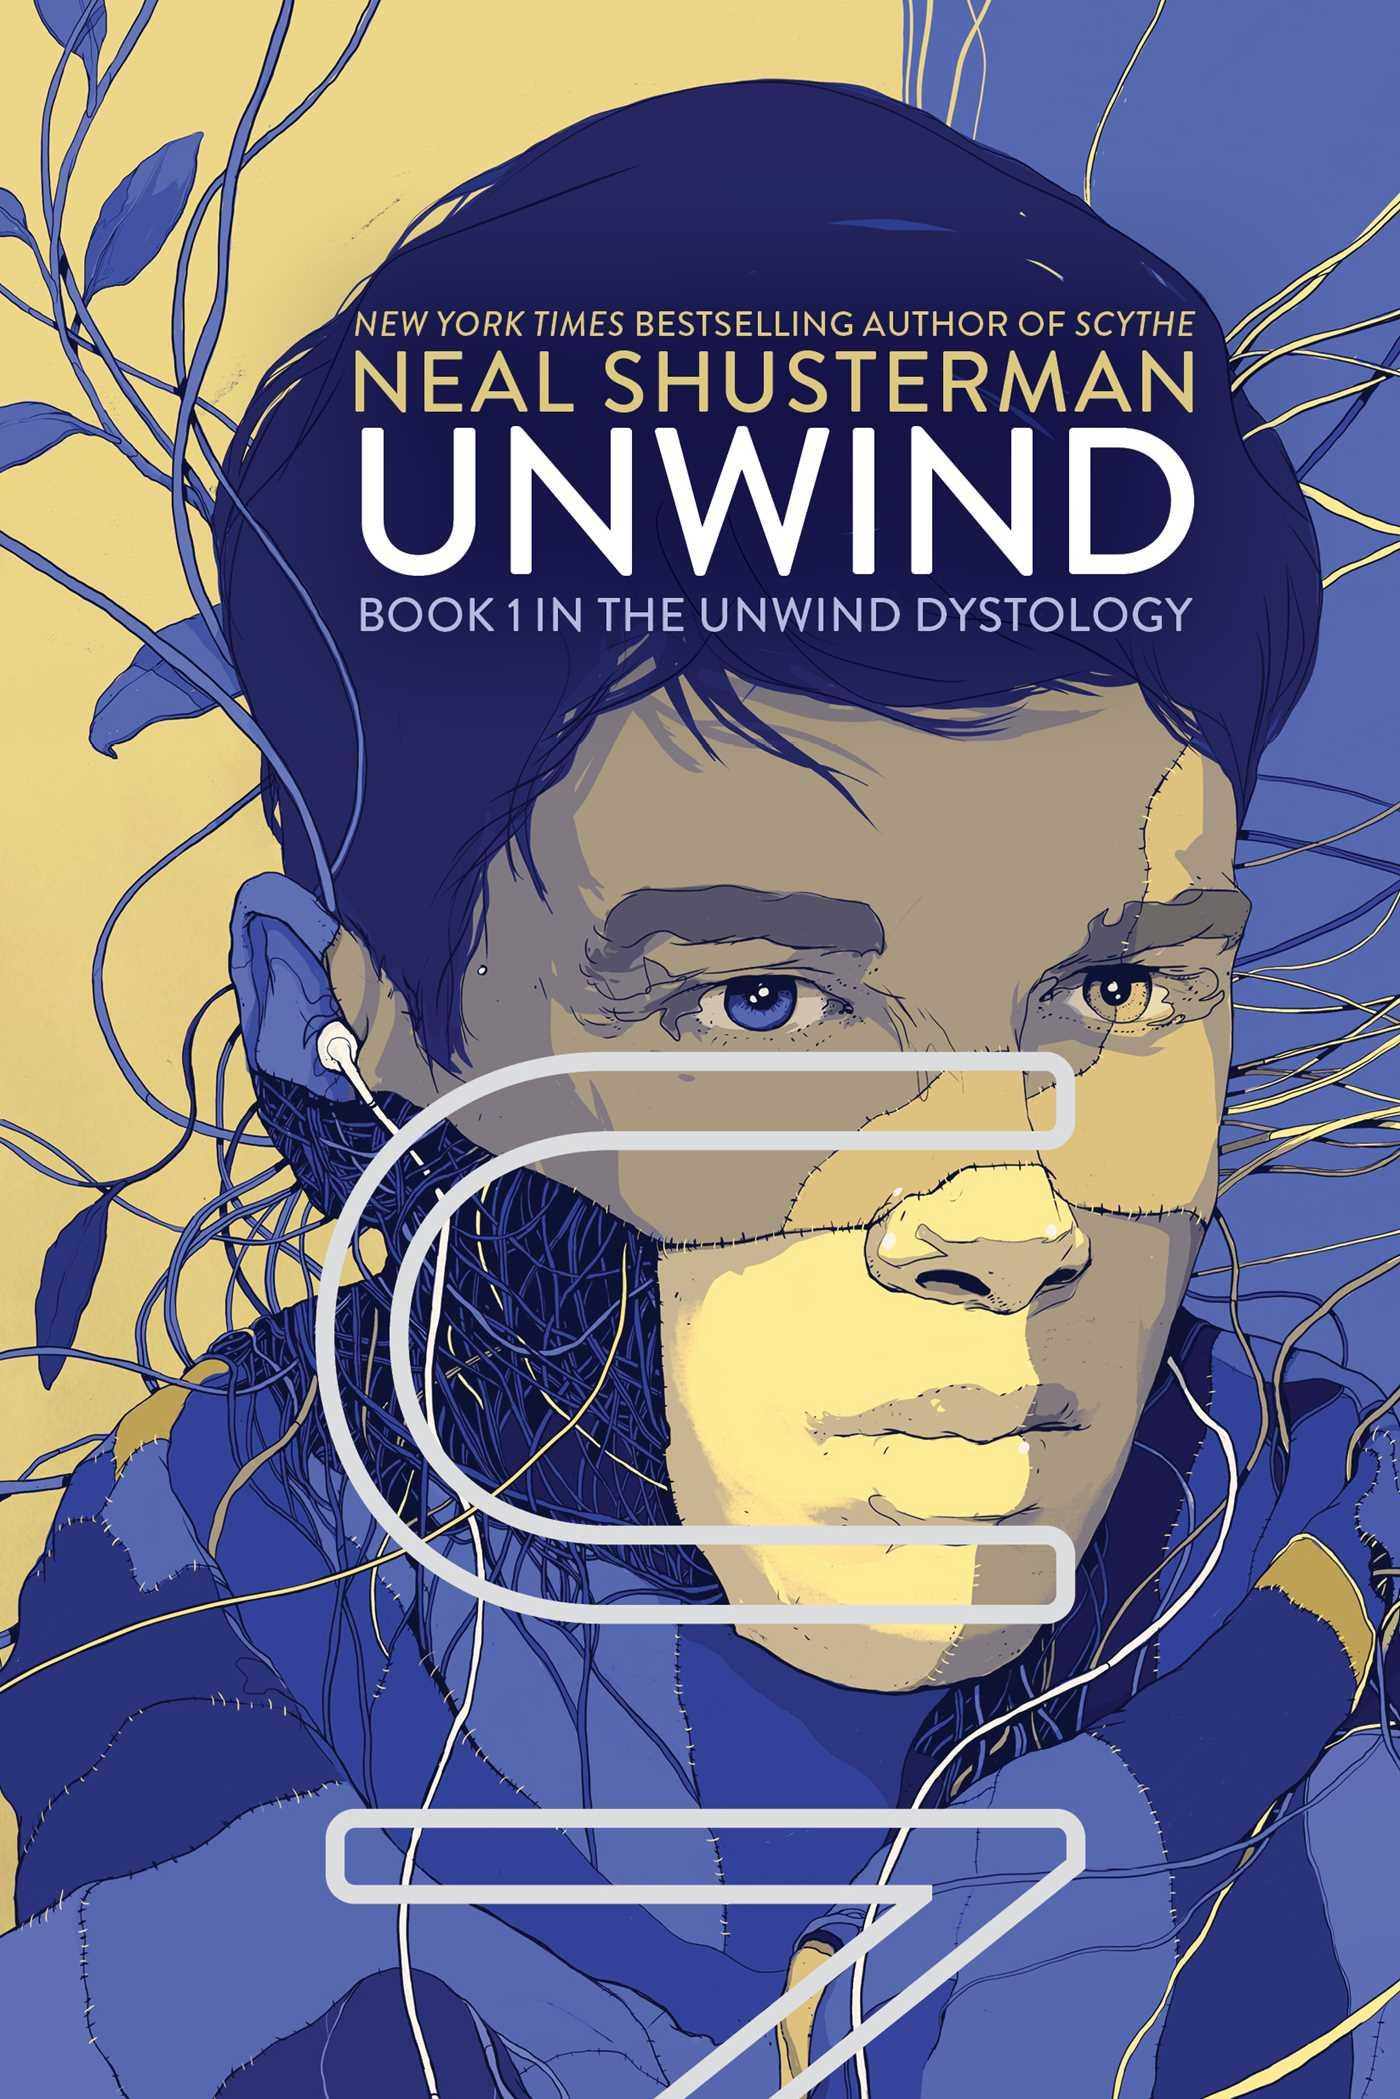 Unwind 9781416912057 hr